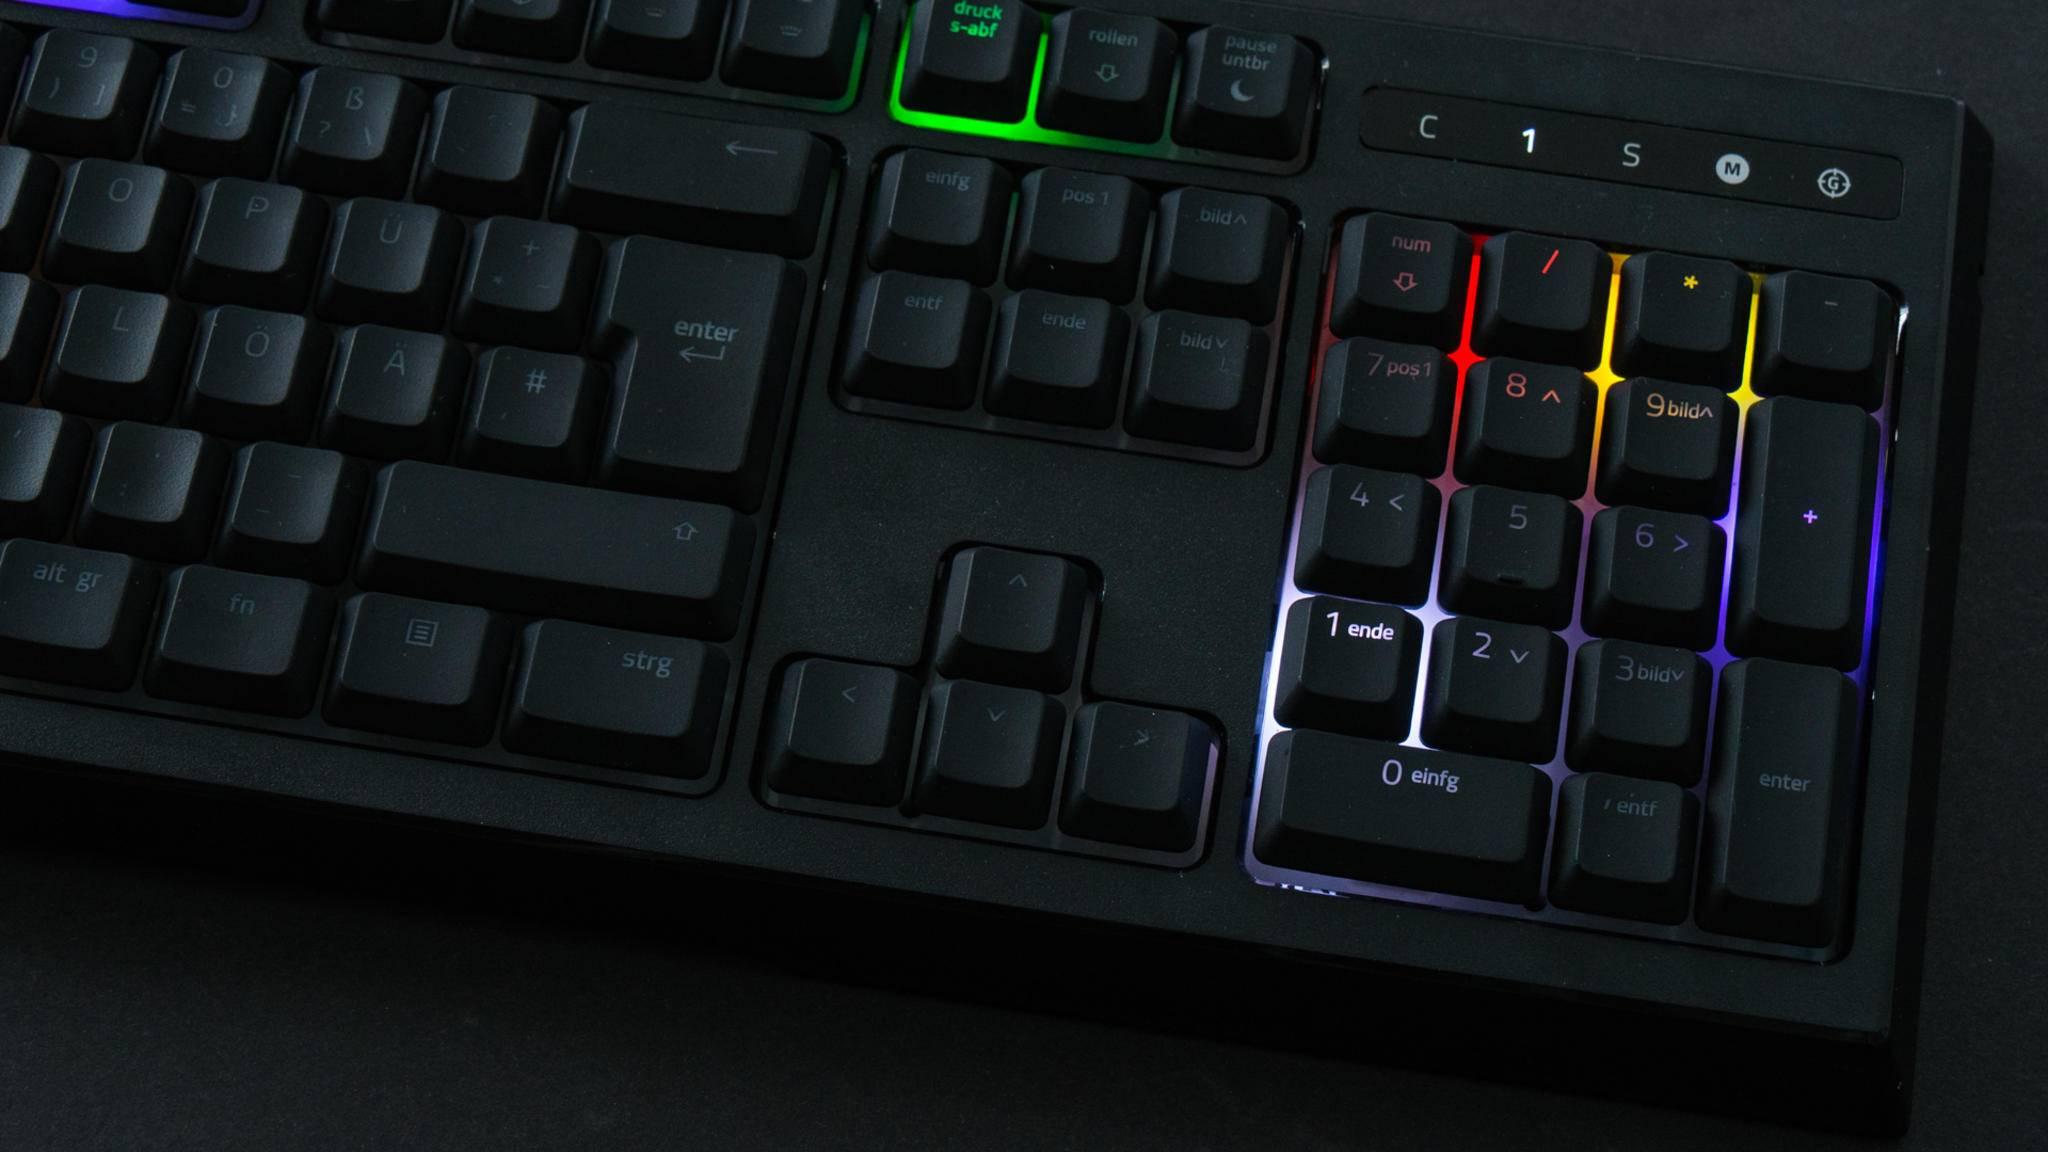 Die RGB-Beleuchtung von individuellen Tasten wie bei der Razer Ornata Chroma kann für Spielereien eingesetzt werden, aber auch einen gewissen praktischen Nutzen haben.